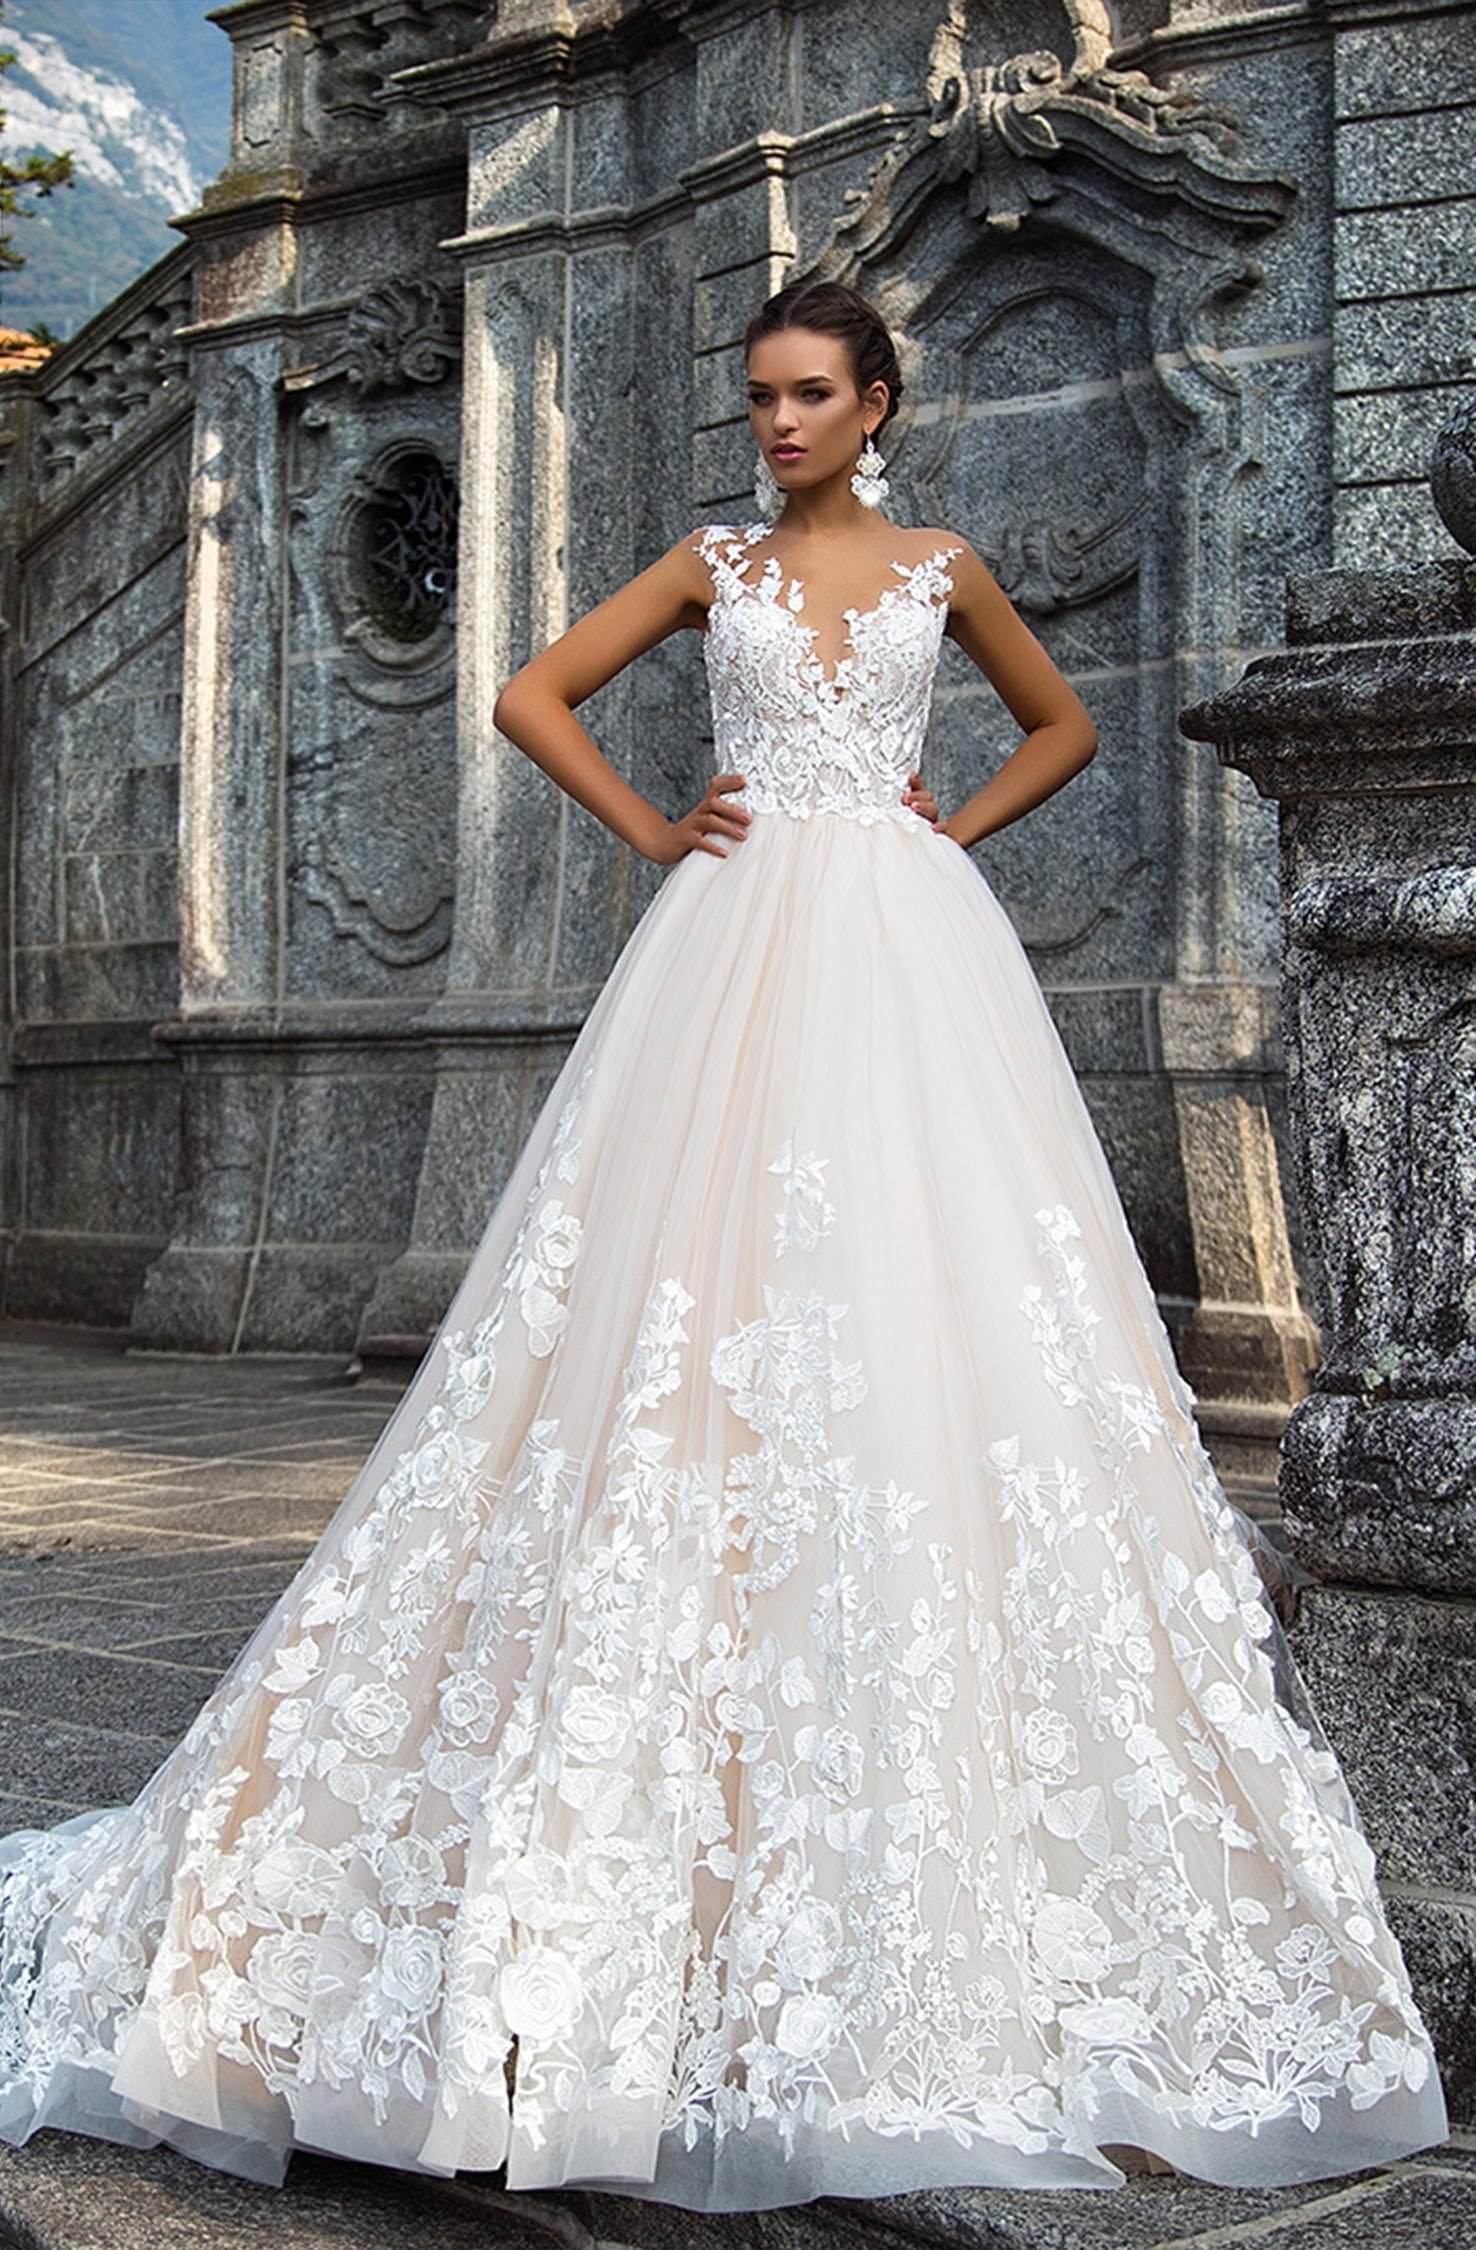 1154f2f00de748 Свадебное платье Milena, 69440 рублей - салон Аврора